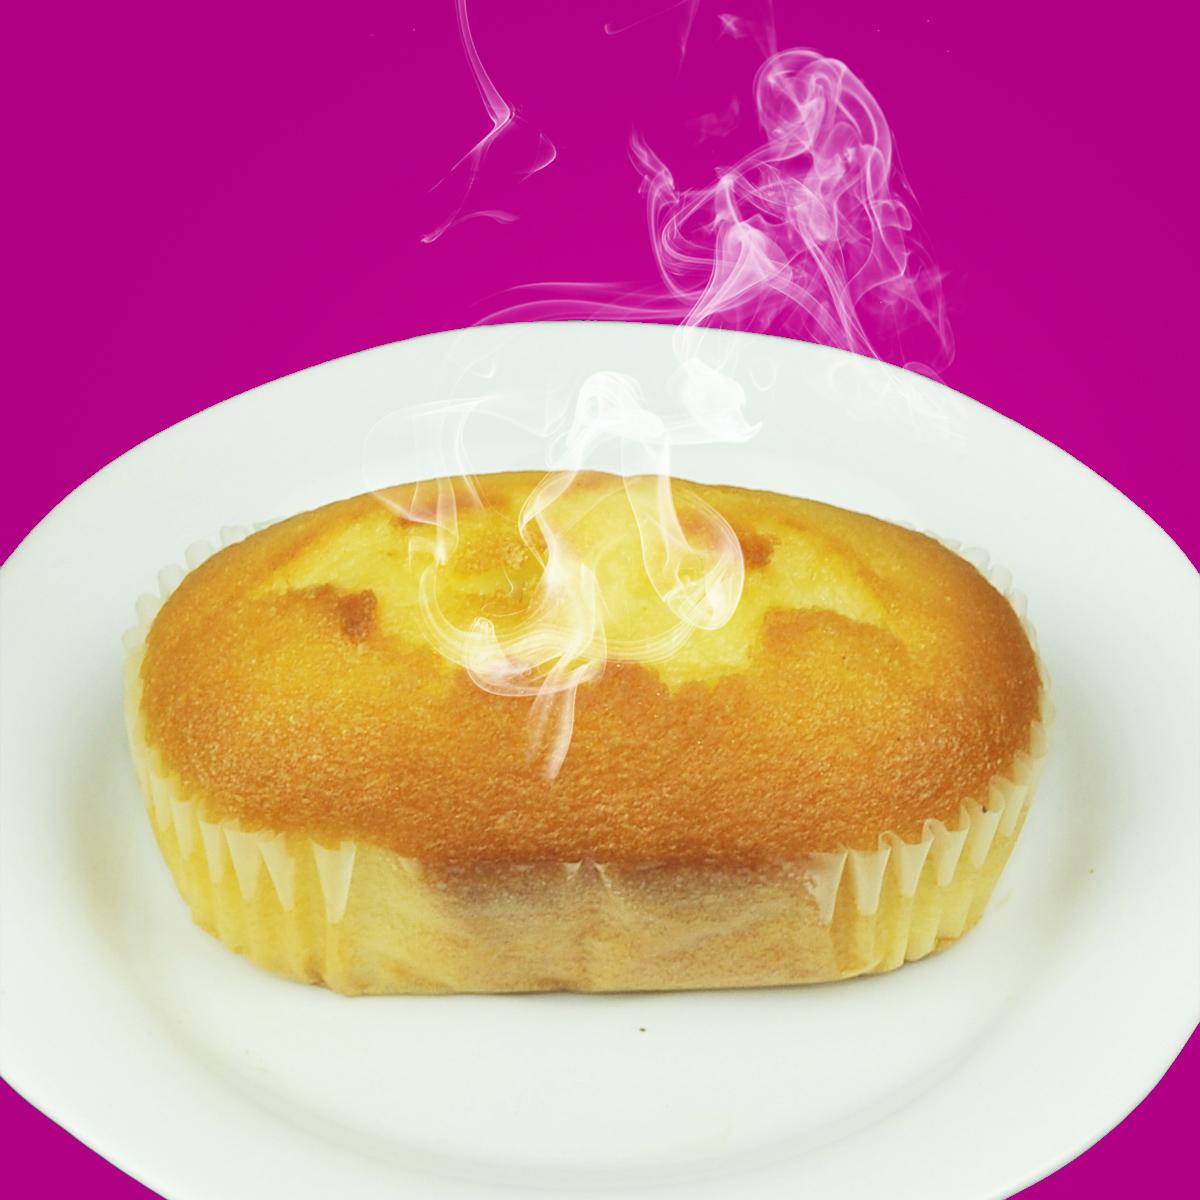 丰福星特色法式蛋糕湖南特产零食饼干类奶油小吃食品500g真空包装